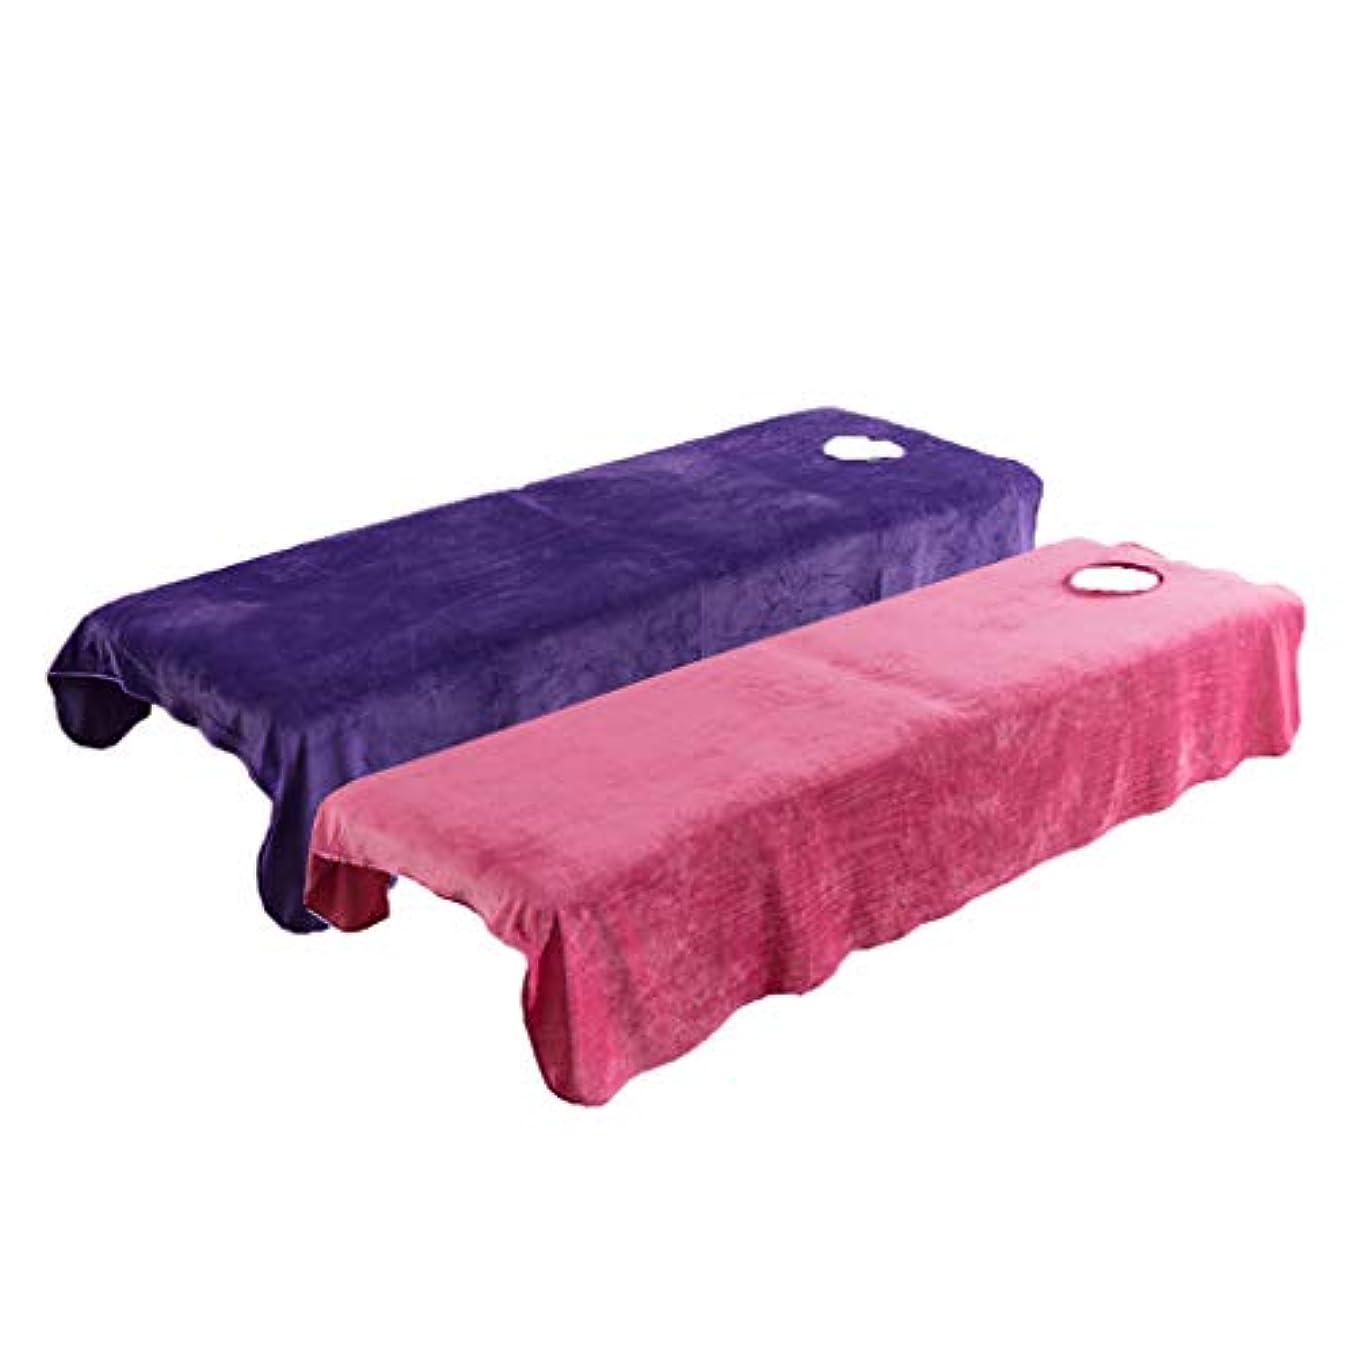 減少あいまいなどれ2点セット マッサージベッドカバー 有孔 スパ 美容ベッドカバー クリスタルベルベット素材 120x190cm